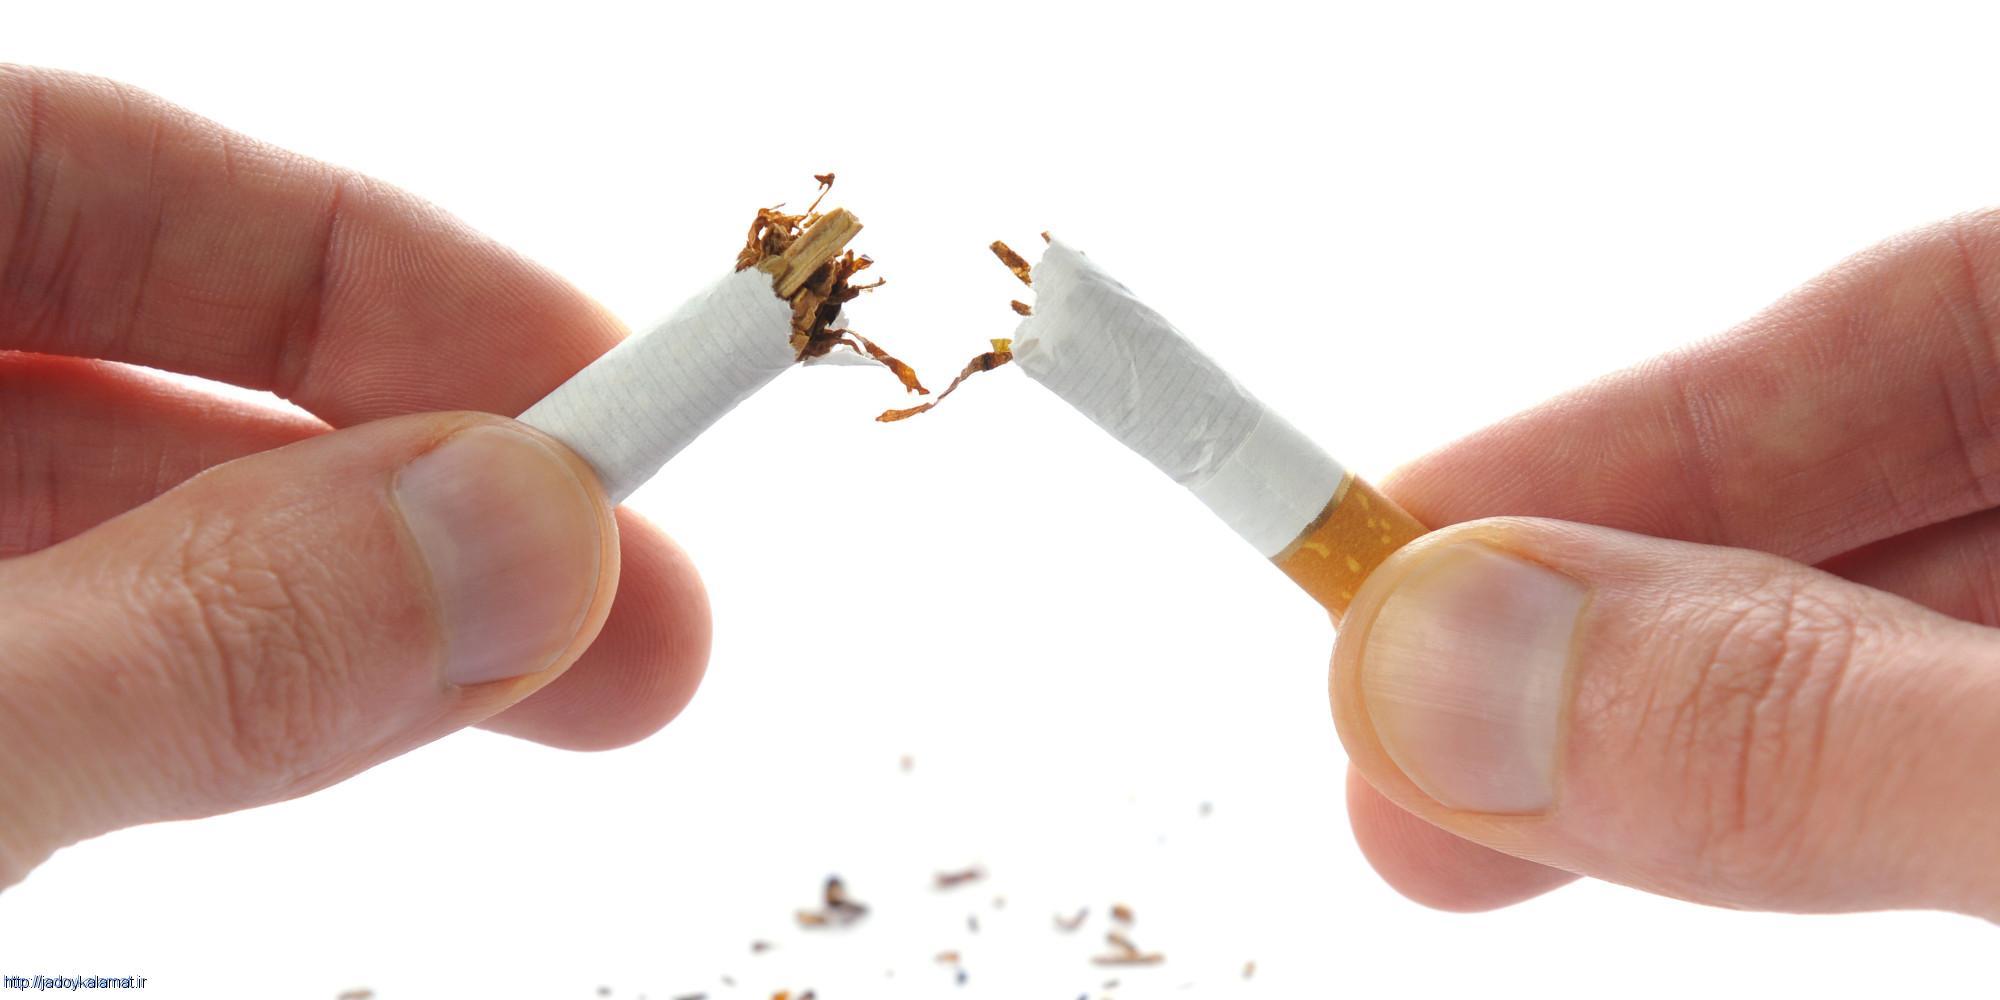 تهدید سیگار را جدی بگیریم